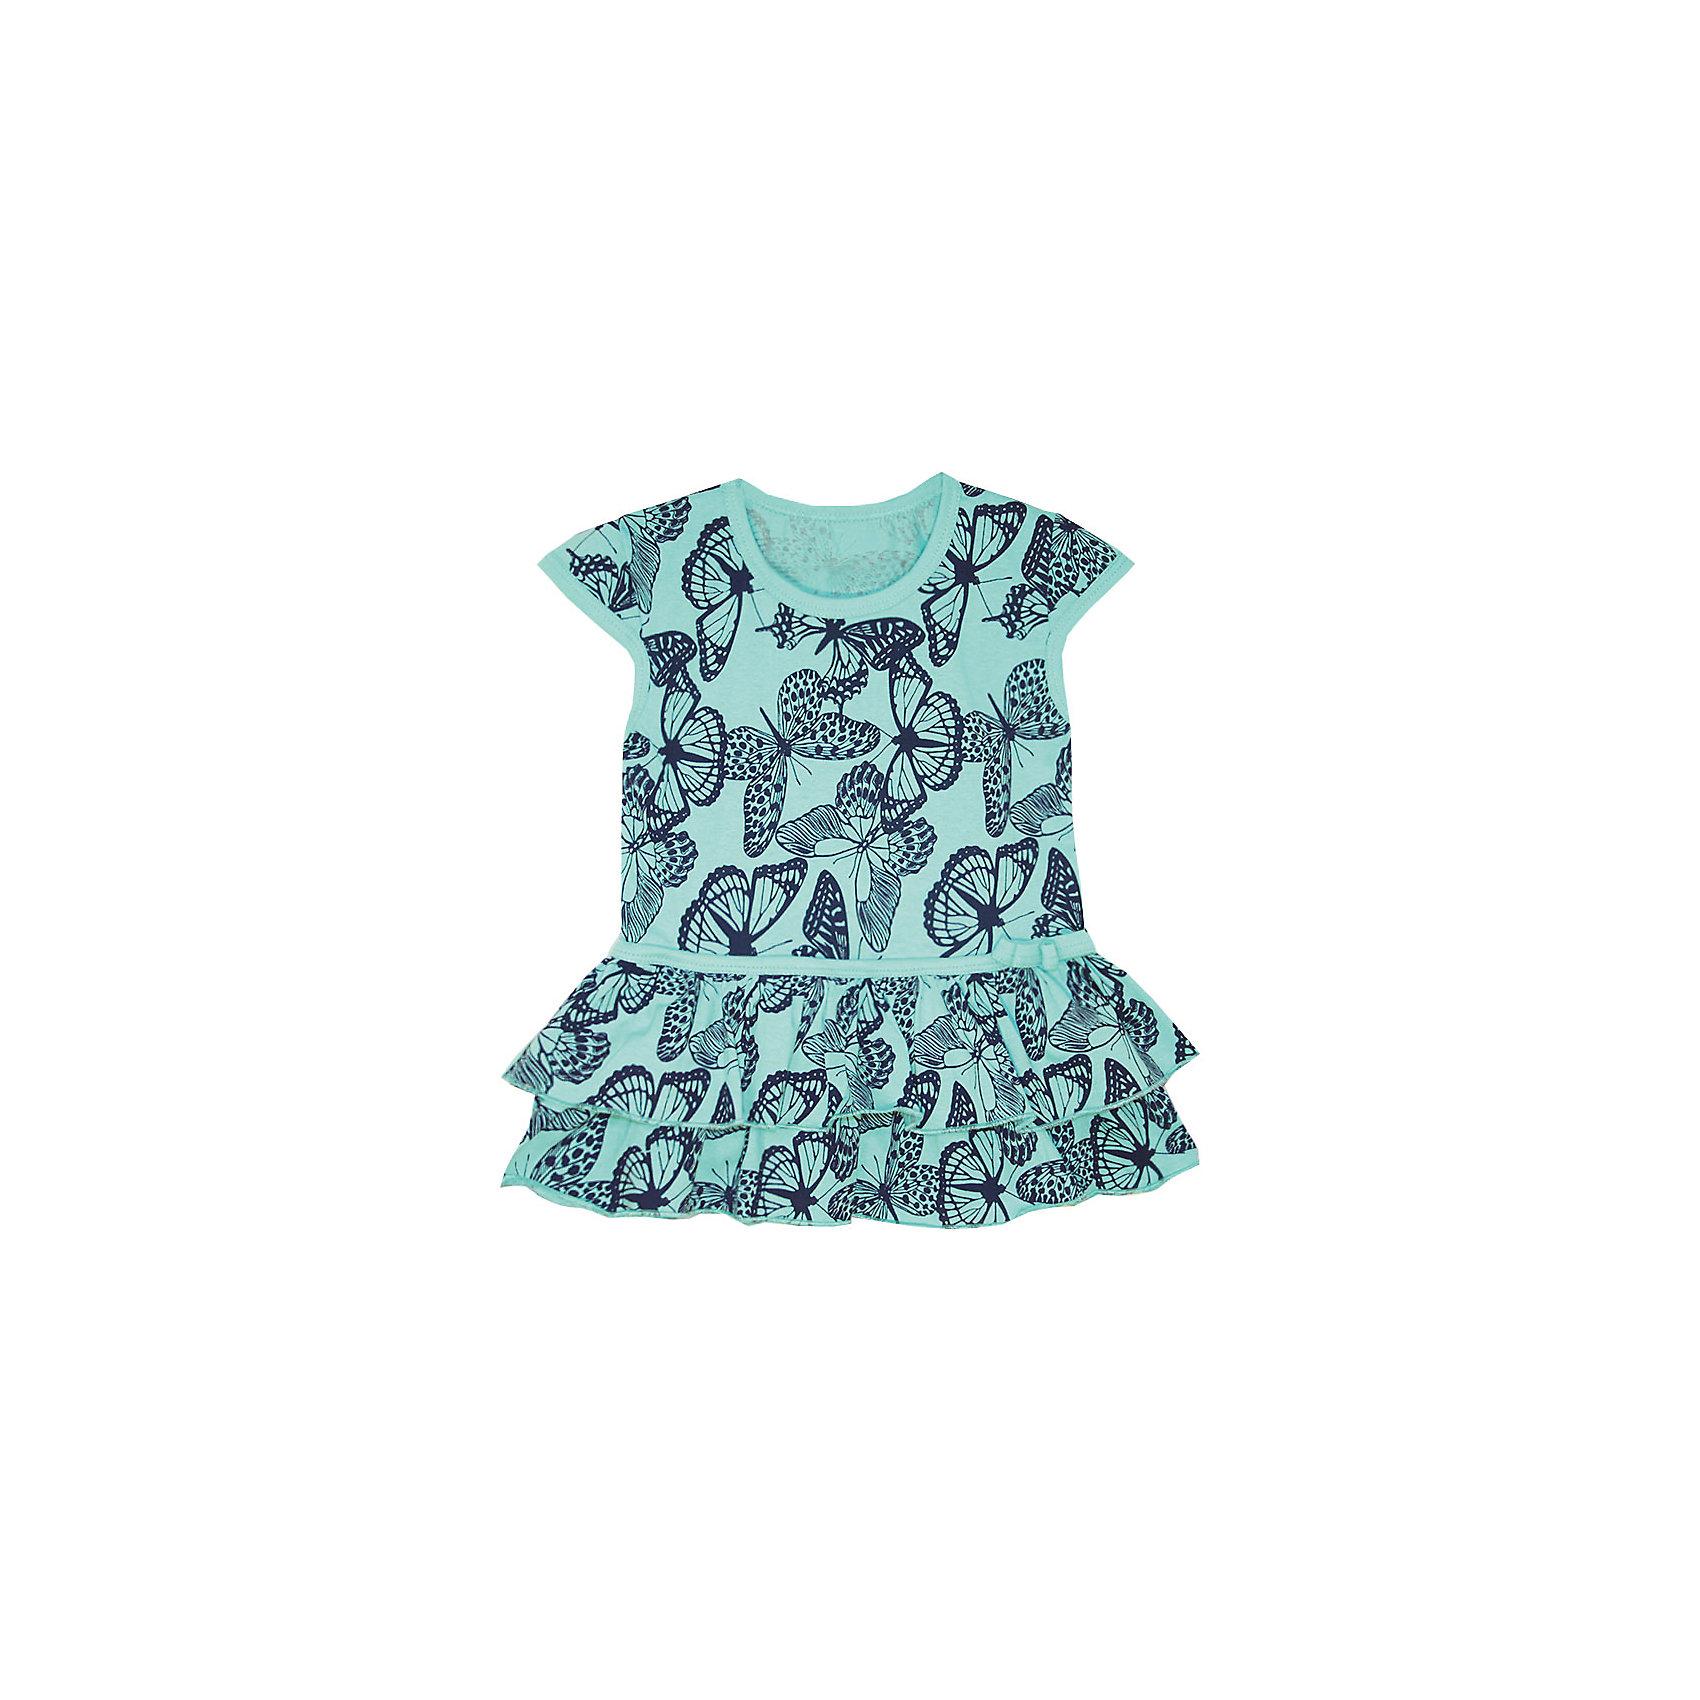 Платье для девочки KotMarKotПлатья и сарафаны<br>Платье для девочки KotMarKot<br>Состав:<br>100% хлопок<br><br>Ширина мм: 236<br>Глубина мм: 16<br>Высота мм: 184<br>Вес г: 177<br>Цвет: зеленый<br>Возраст от месяцев: 72<br>Возраст до месяцев: 84<br>Пол: Женский<br>Возраст: Детский<br>Размер: 122,104,110,116,92,98<br>SKU: 6755147